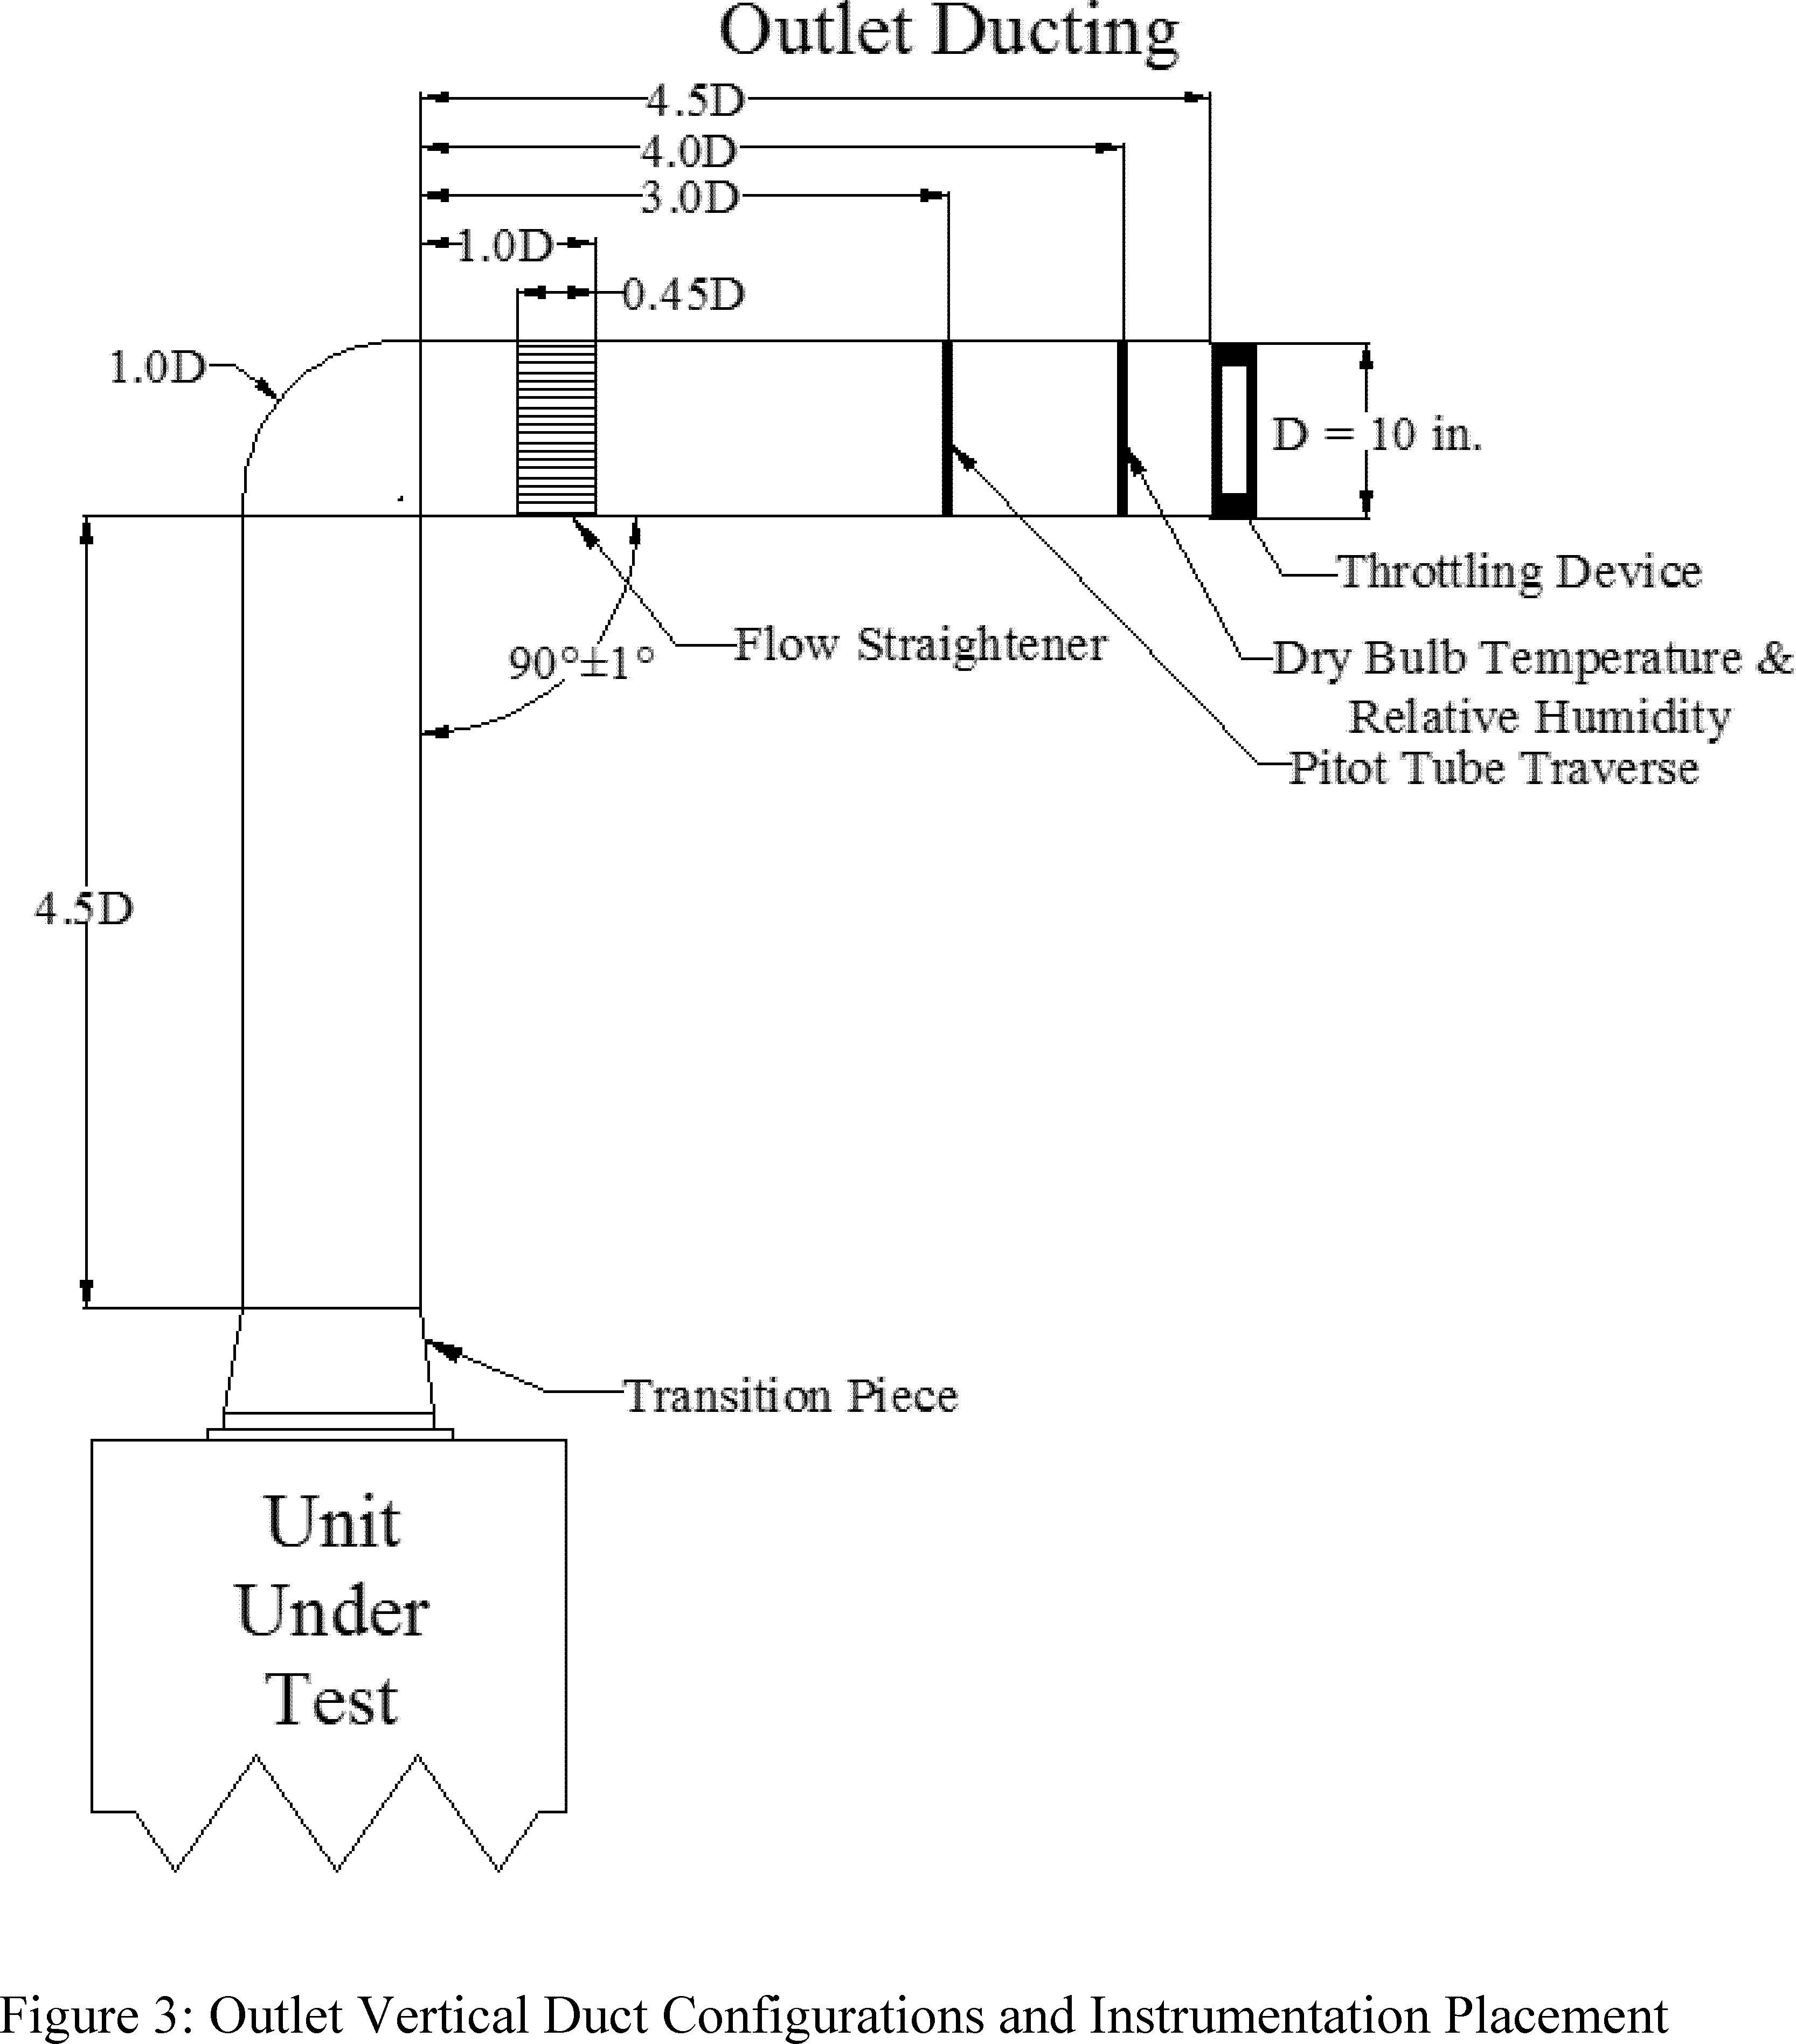 Big Dog Motorcycle Wiring Diagram 4d5 Big Dog Wire Diagram Of Big Dog Motorcycle Wiring Diagram